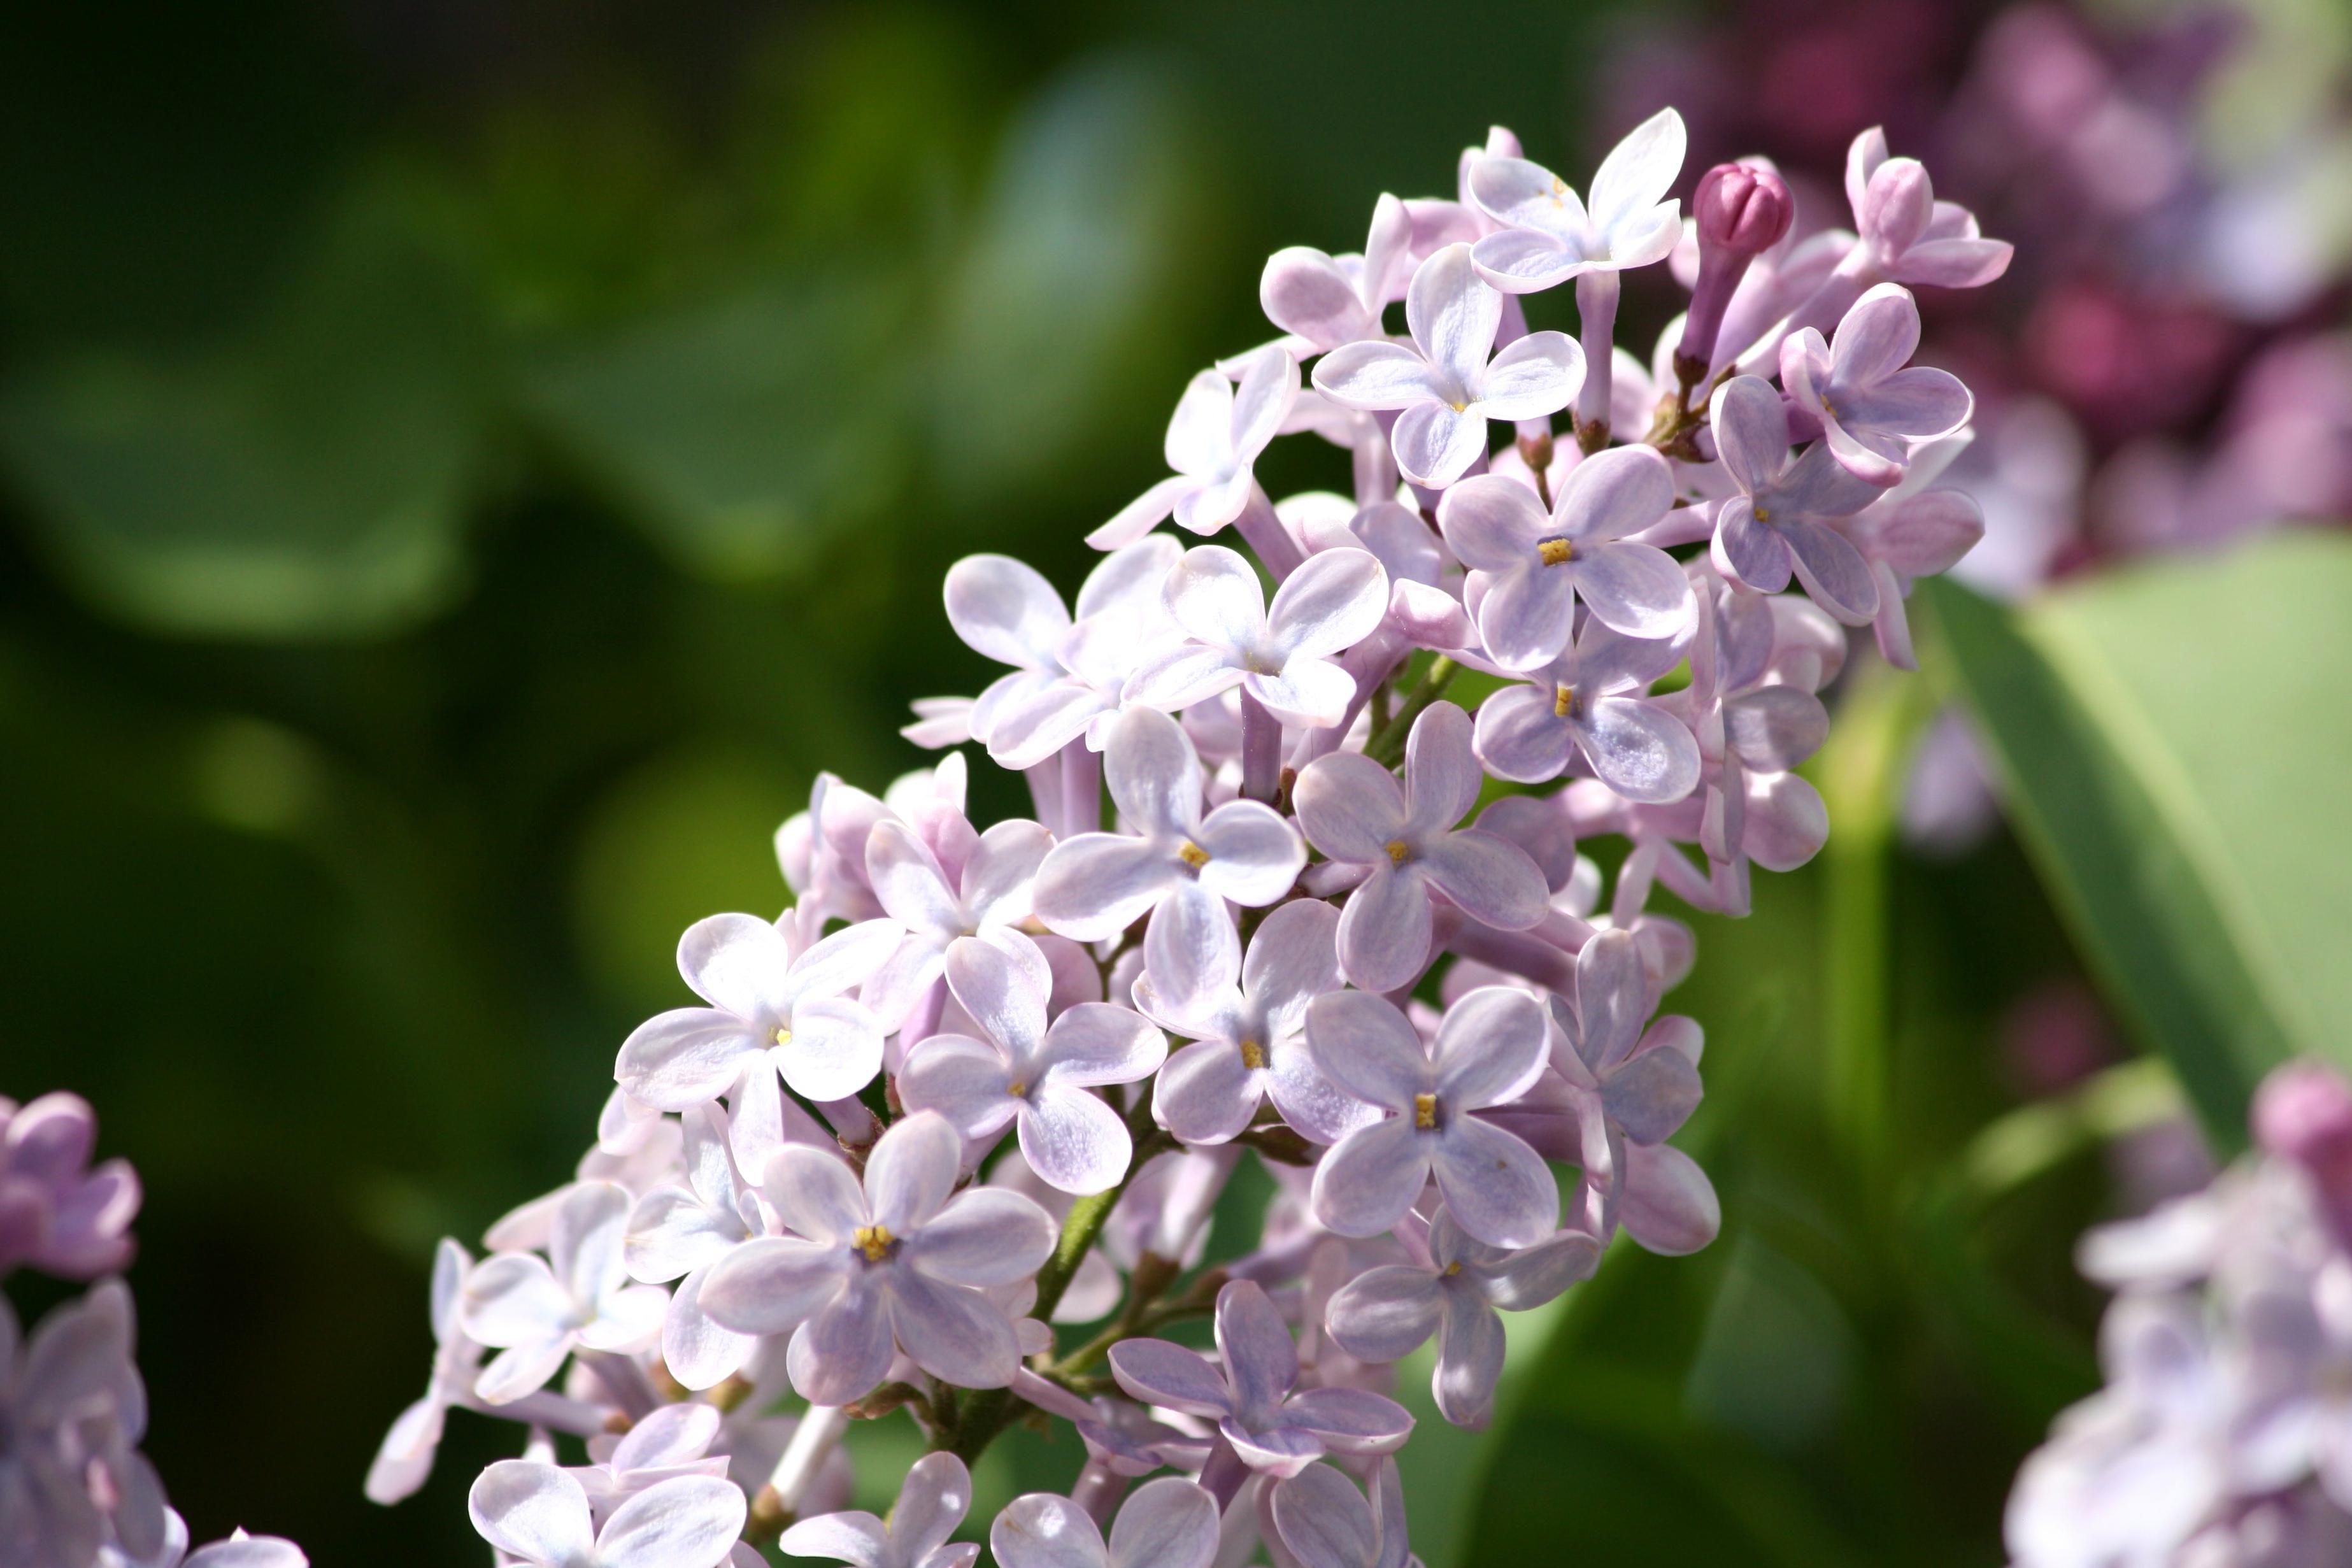 de fleurs en grappe lilas id e d 39 image de fleur. Black Bedroom Furniture Sets. Home Design Ideas